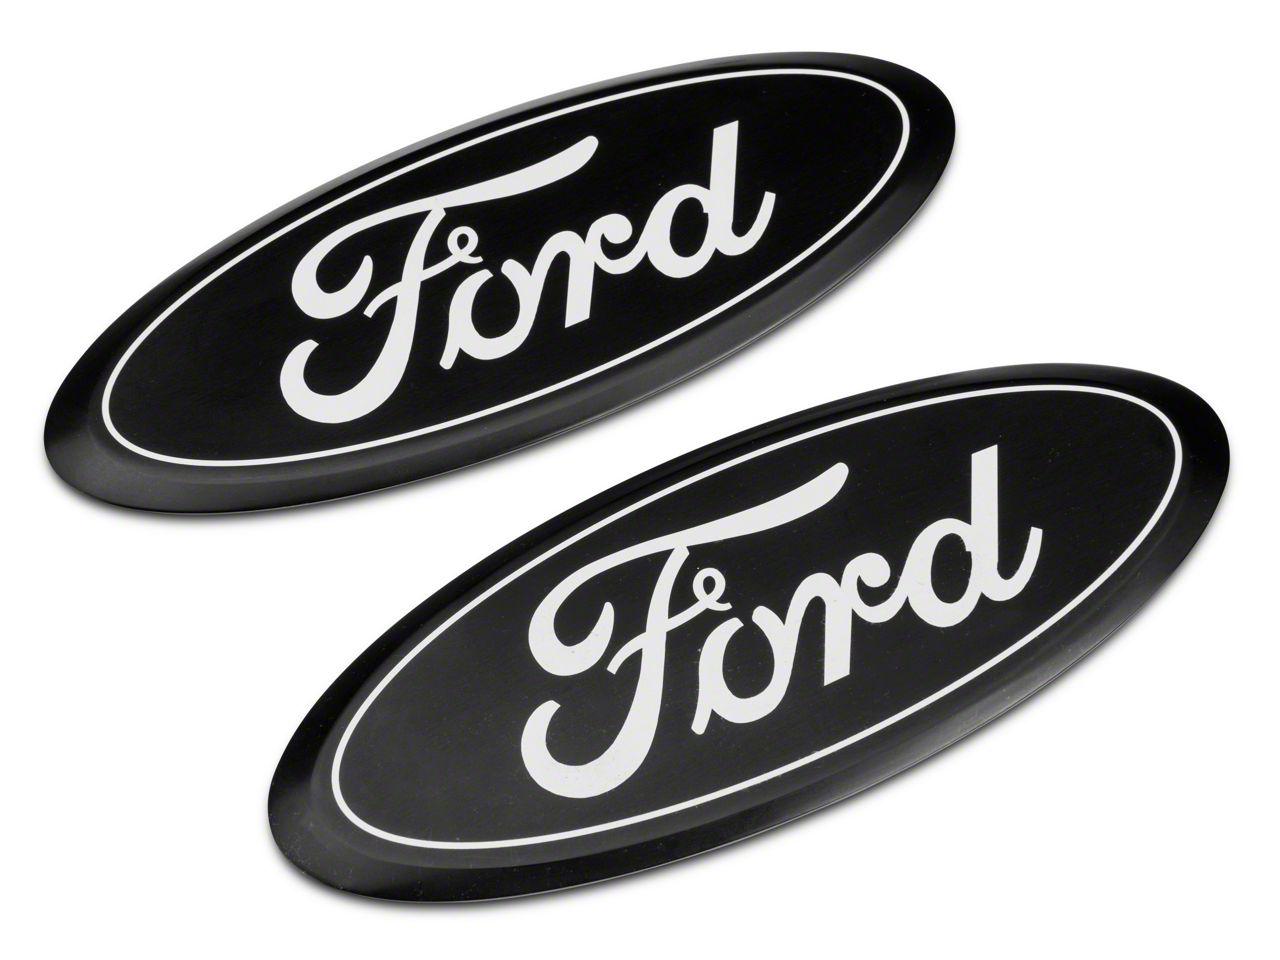 Putco Billet Aluminum Ford Oval Emblem - Black (15-17 F-150 XL, XLT, Lariat, Raptor, King Ranch w/ Center-Mounted Tailgate Emblem)